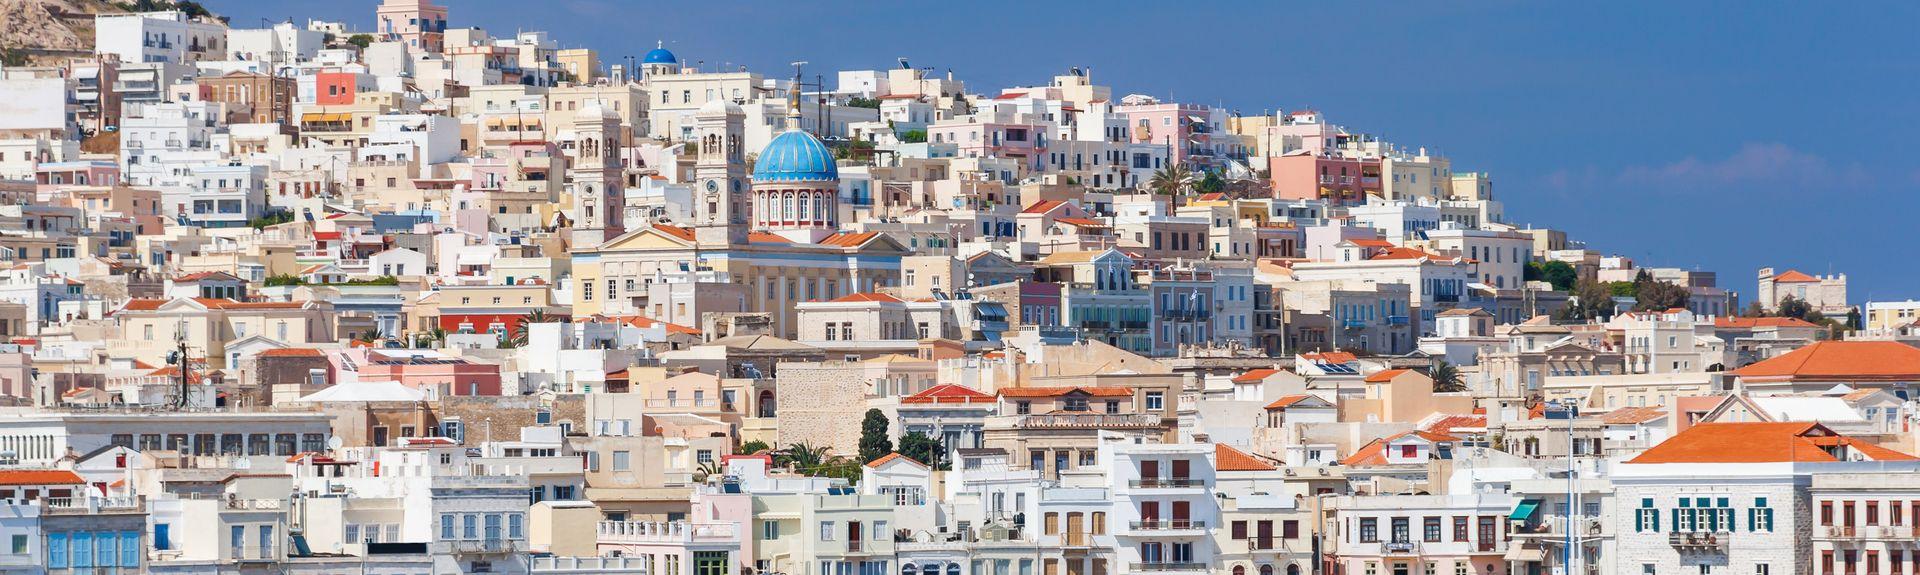 Syros, Südliche Ägäis, Griechenland